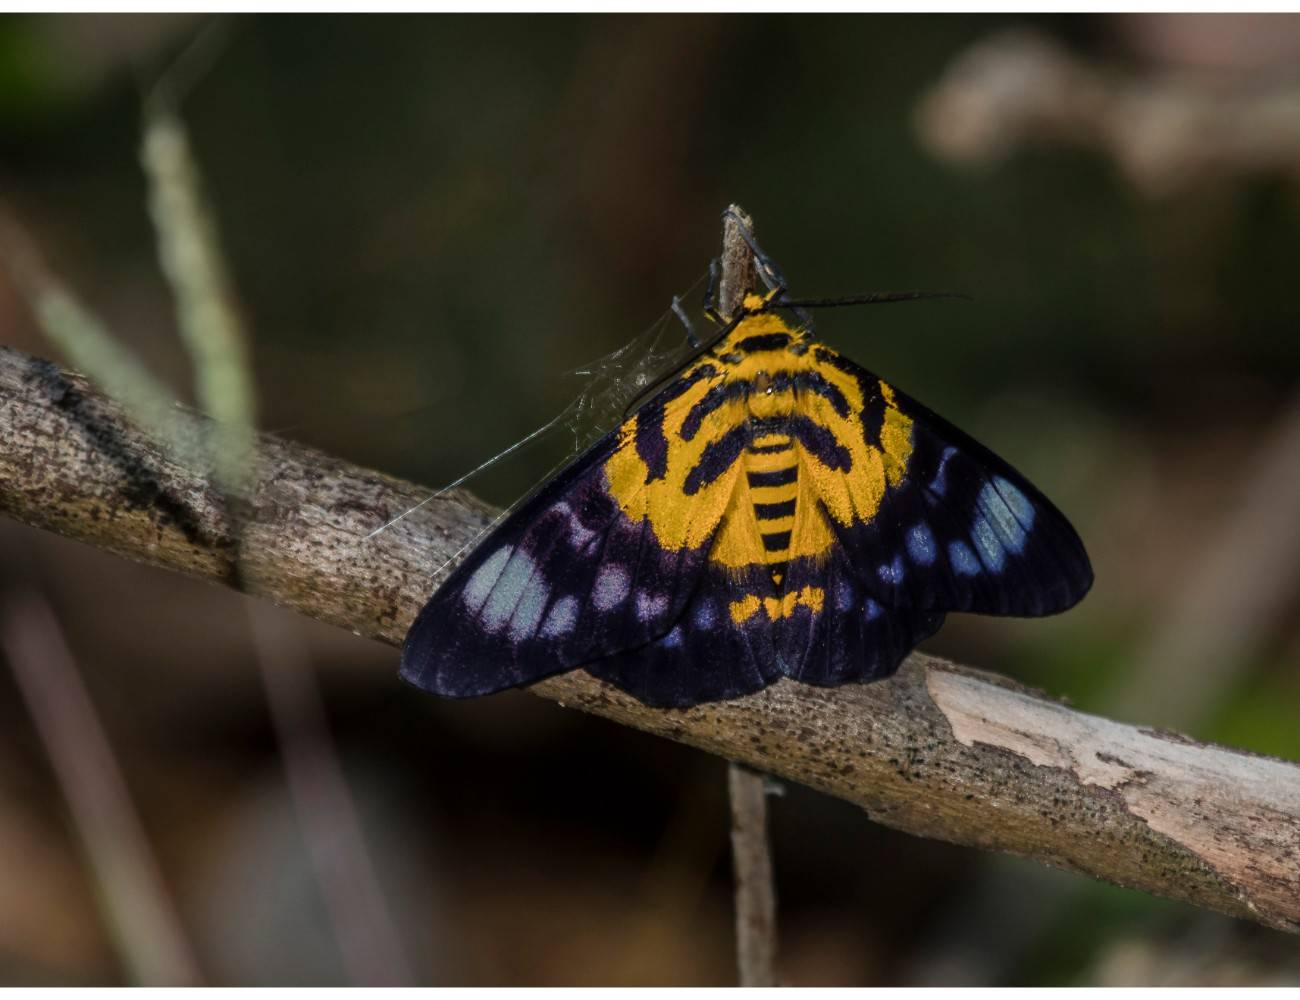 பால்ஸ் டைகர் மாத் False Tiger Moth - Dysphania militaris, adaman moth,mount harriet butterfly moth